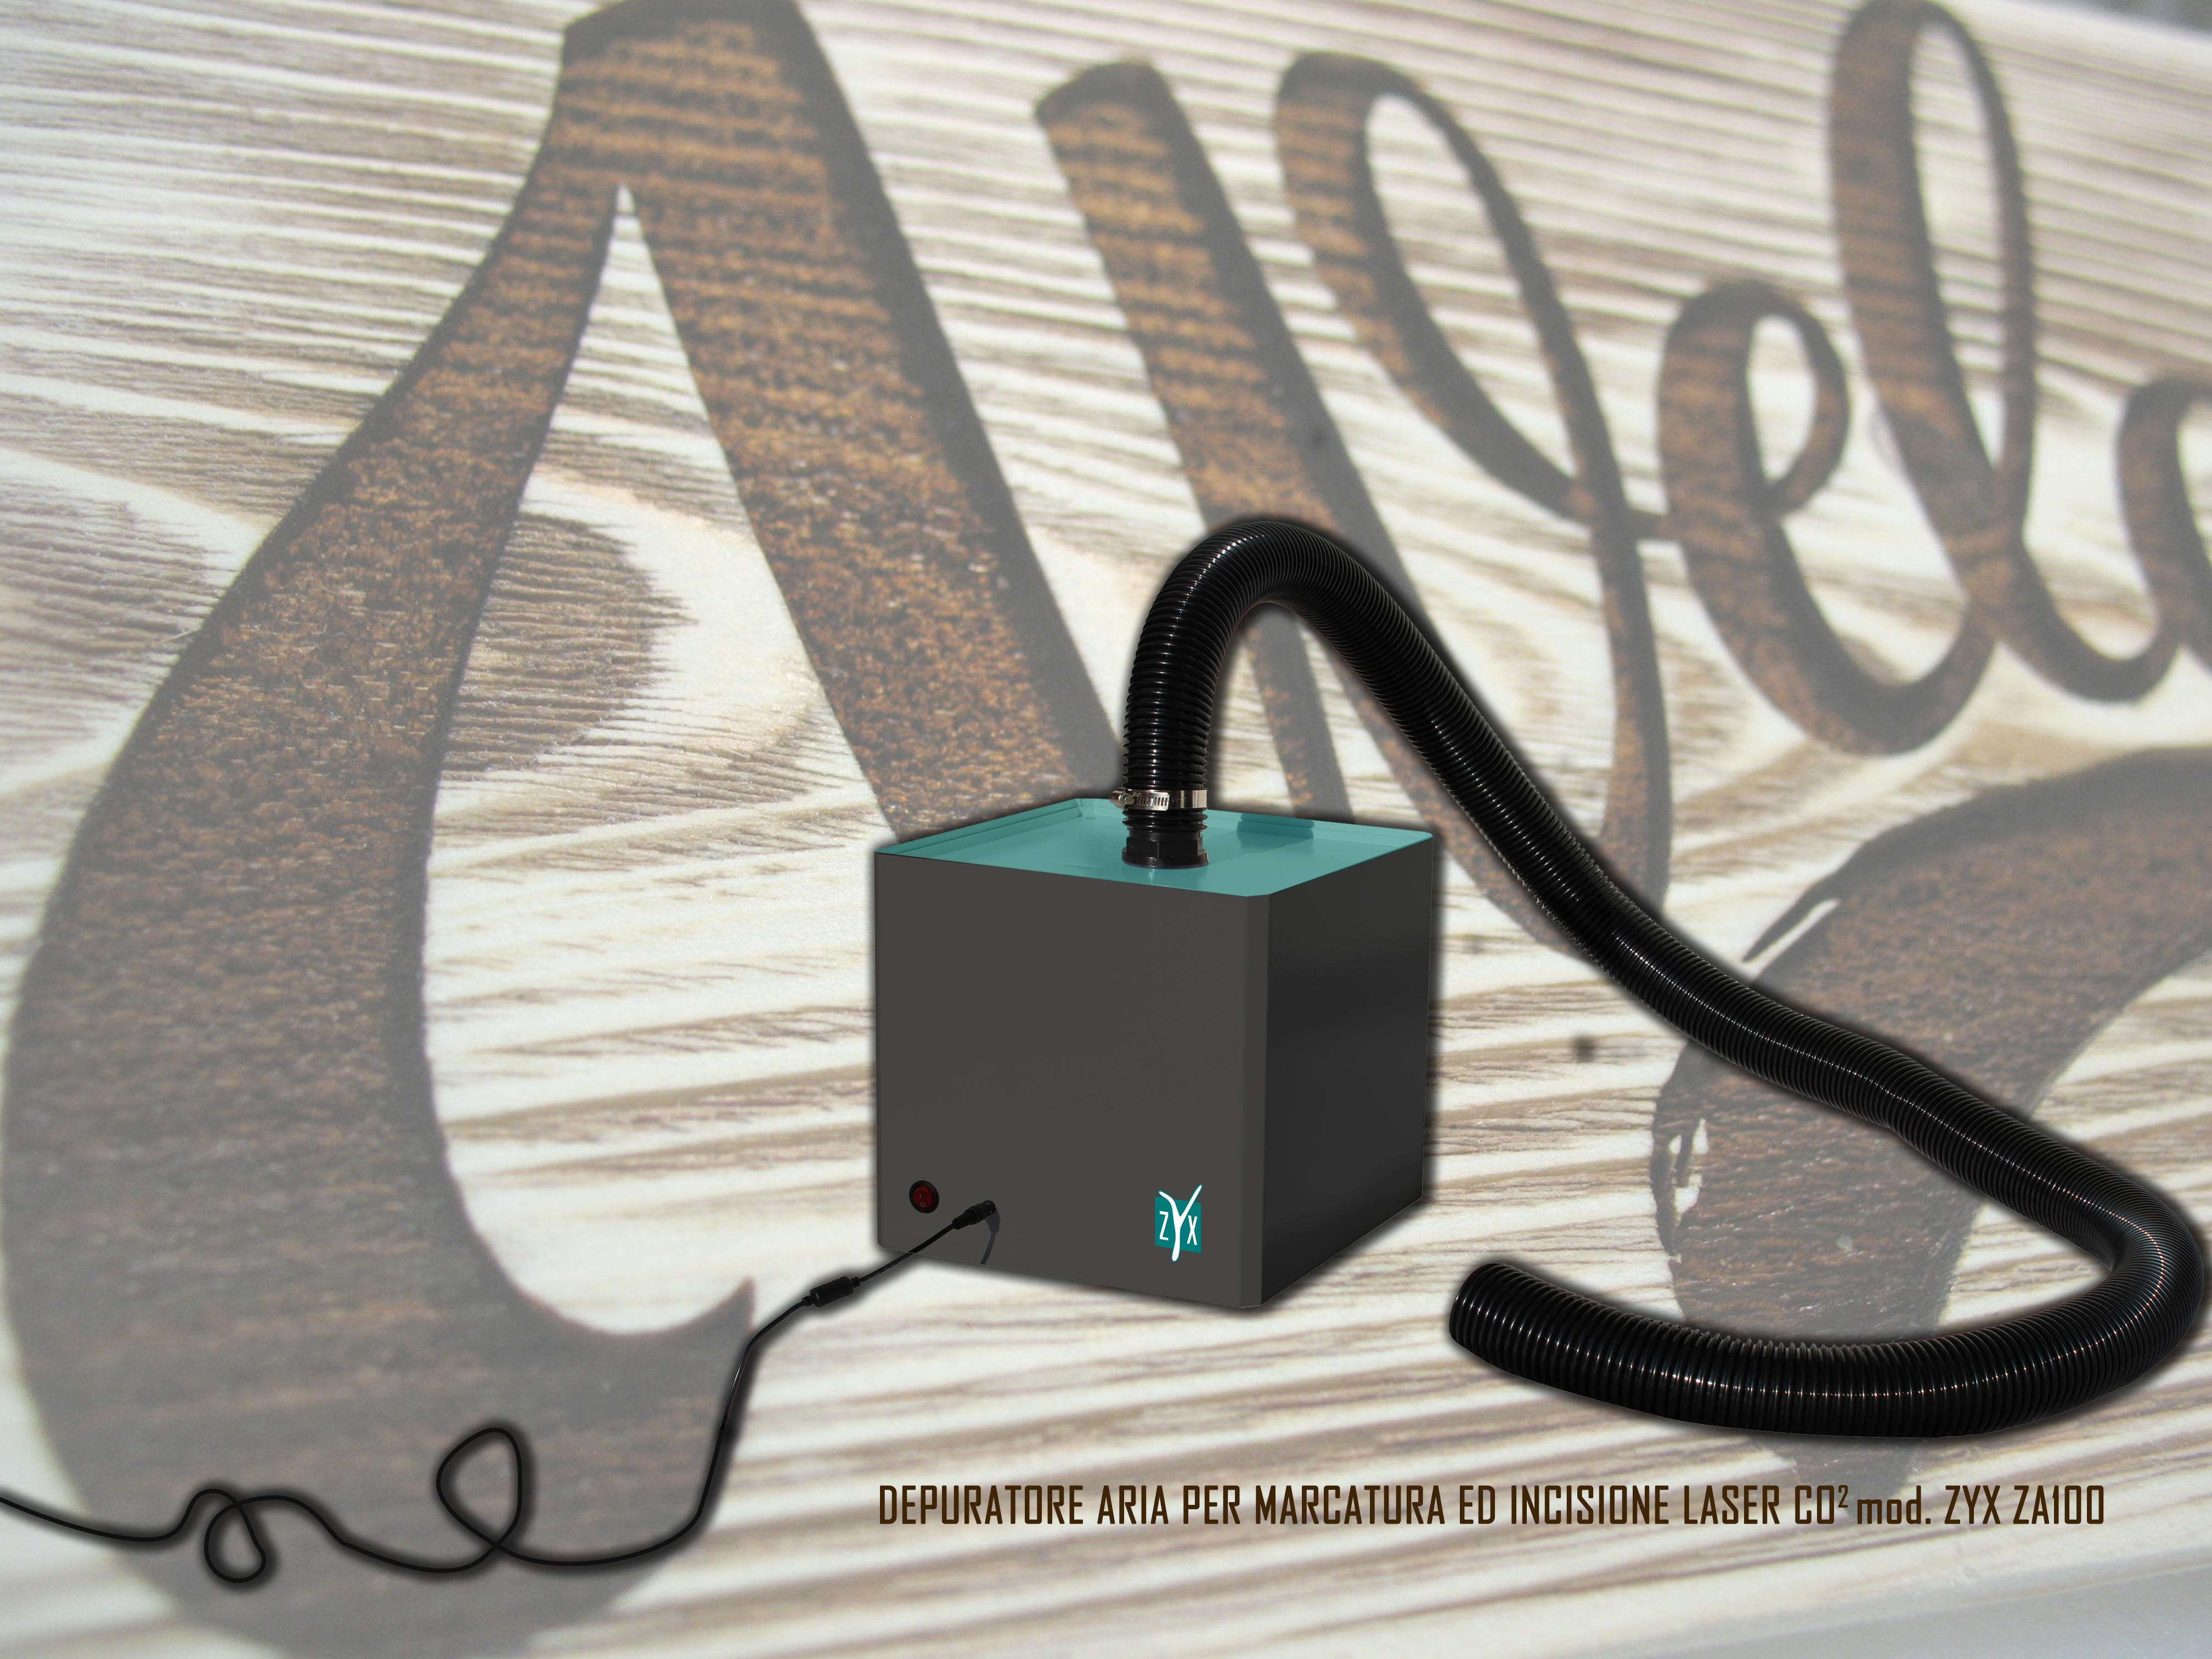 zyx za100 marcatura incisione laser co2 depuratore aria slide